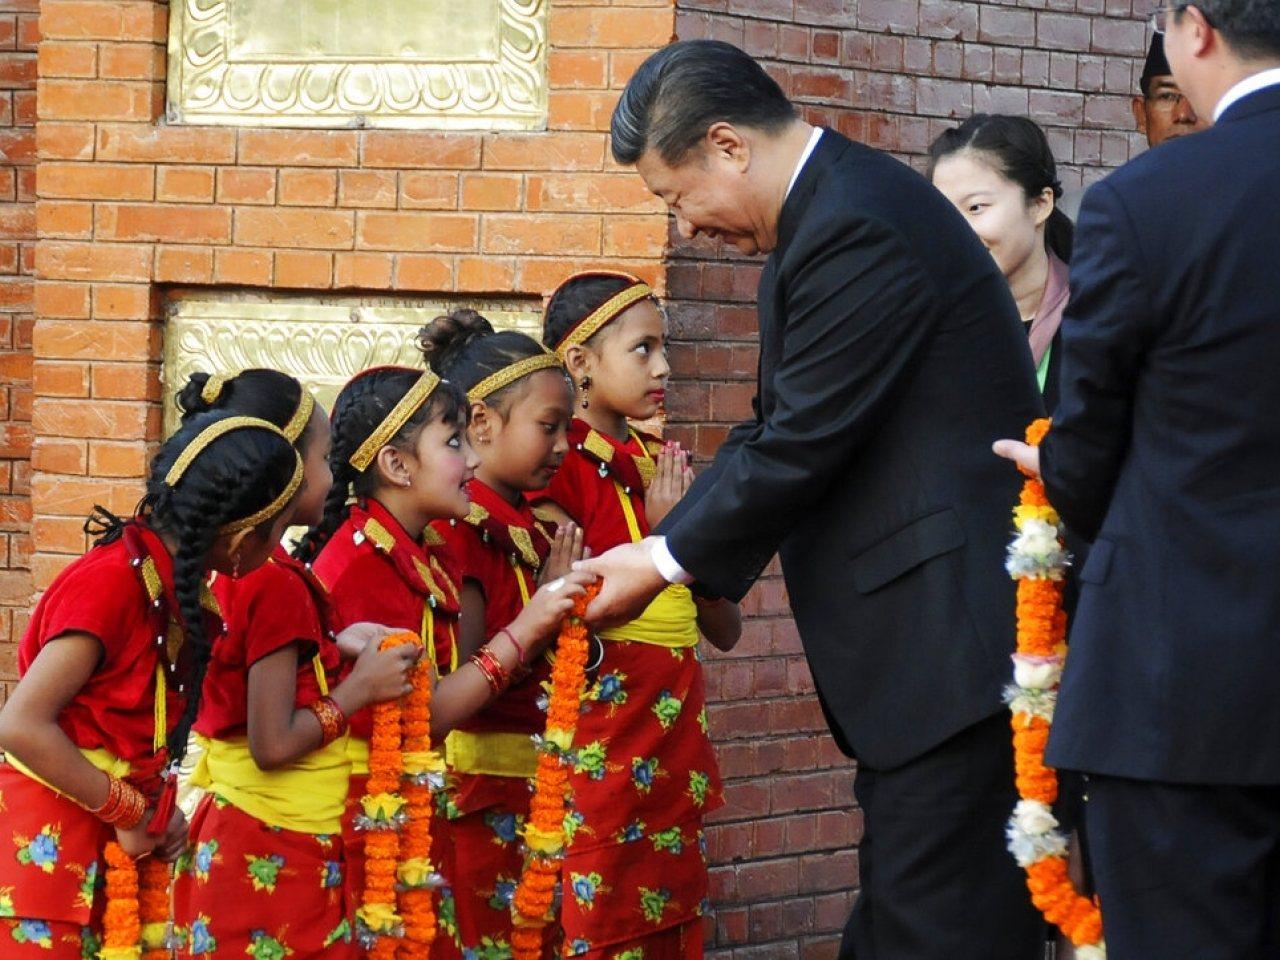 尼泊爾當局為習近平安排歡迎儀式。(美聯社)